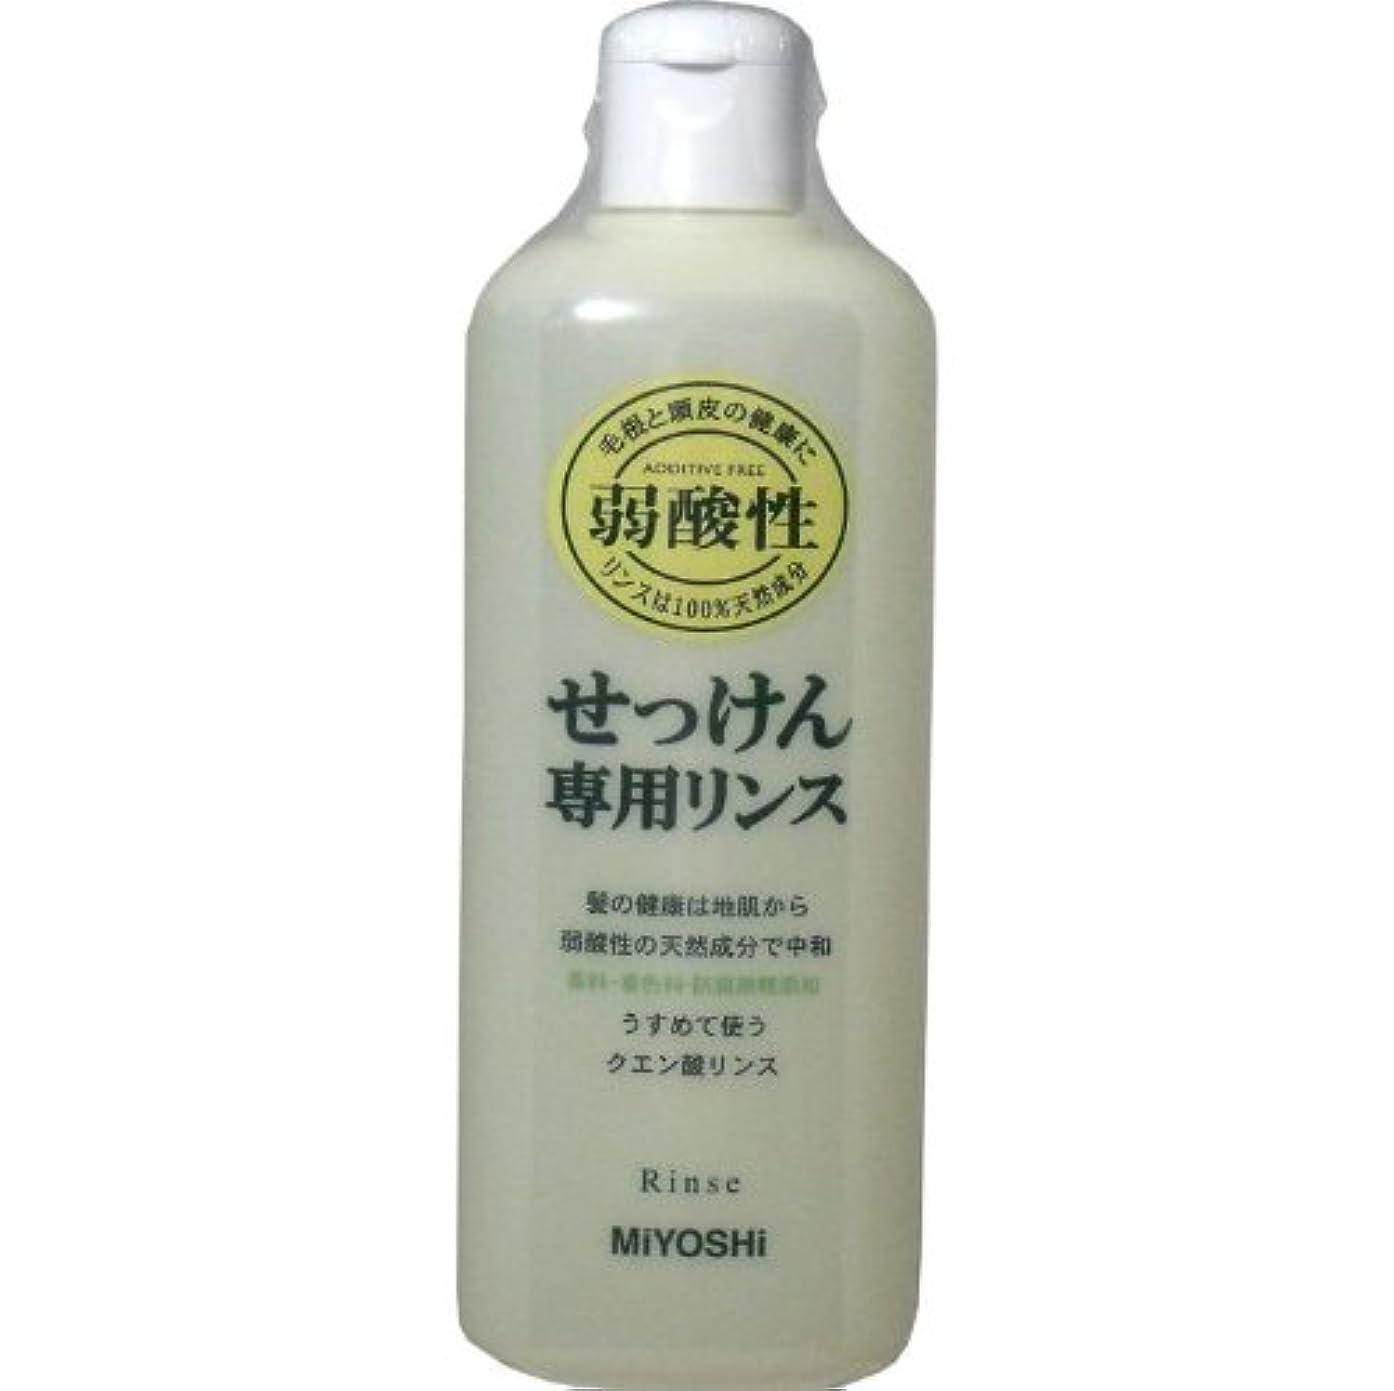 連結する昼寝村髪の健康は地肌から、弱酸性の天然成分で中和!!香料、防腐剤、着色料無添加!うすめて使うクエン酸リンス!リンス 350mL【5個セット】